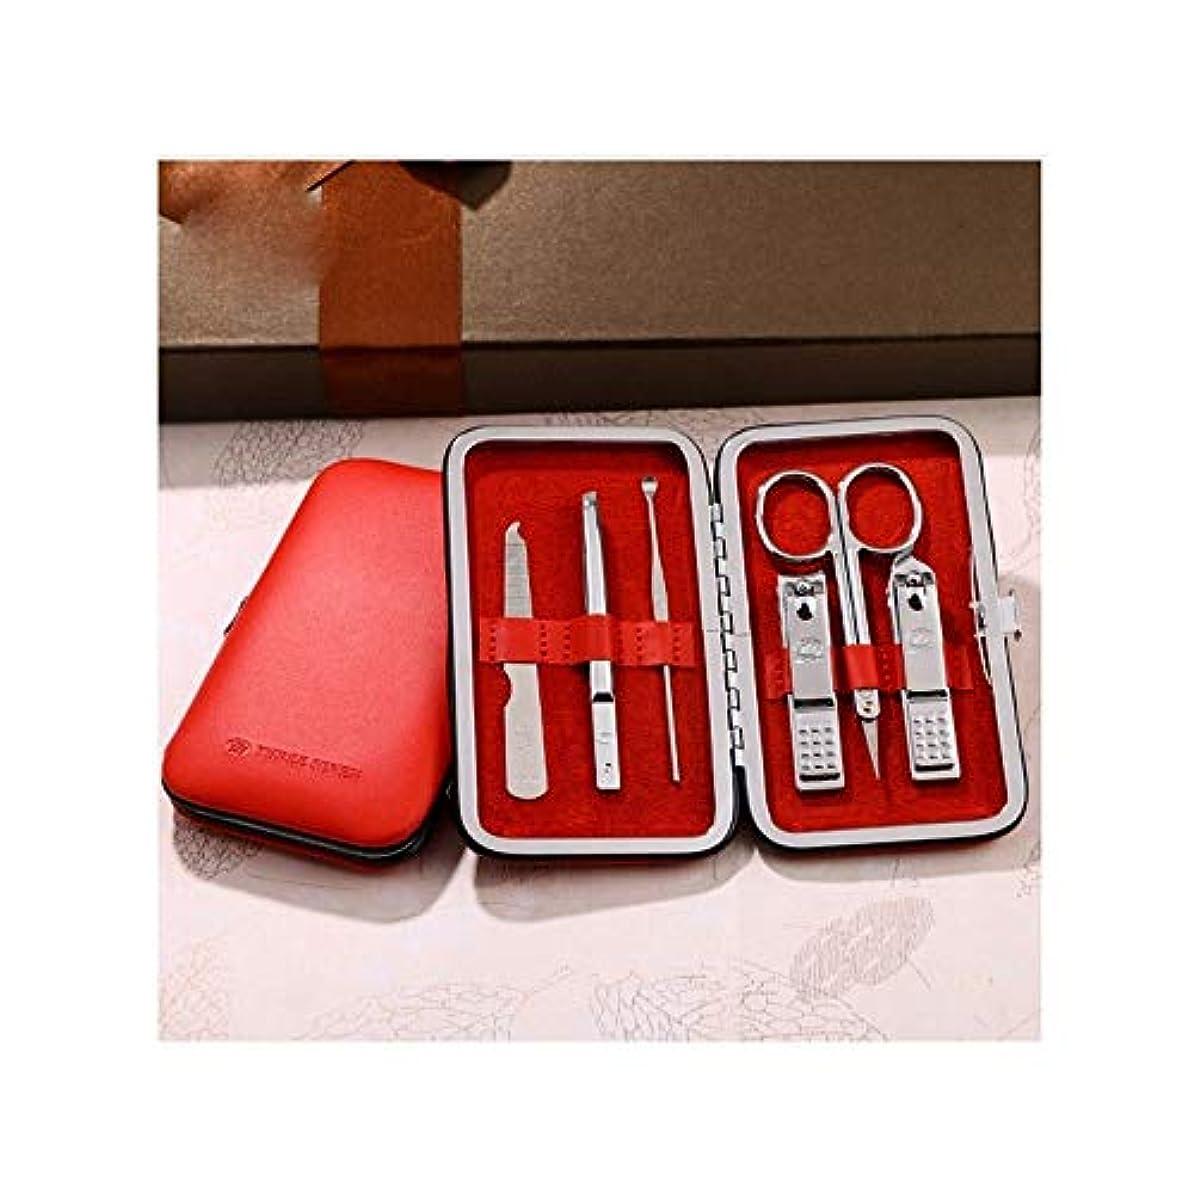 宿命モトリー歯科医JIAYIZS ネイルはさみを設定ネイルナイフセットのデコレーションネイルケアツールネイルクリッパーはポータブルファッションセット[赤] 6セットを設定します。 (Color : Red)